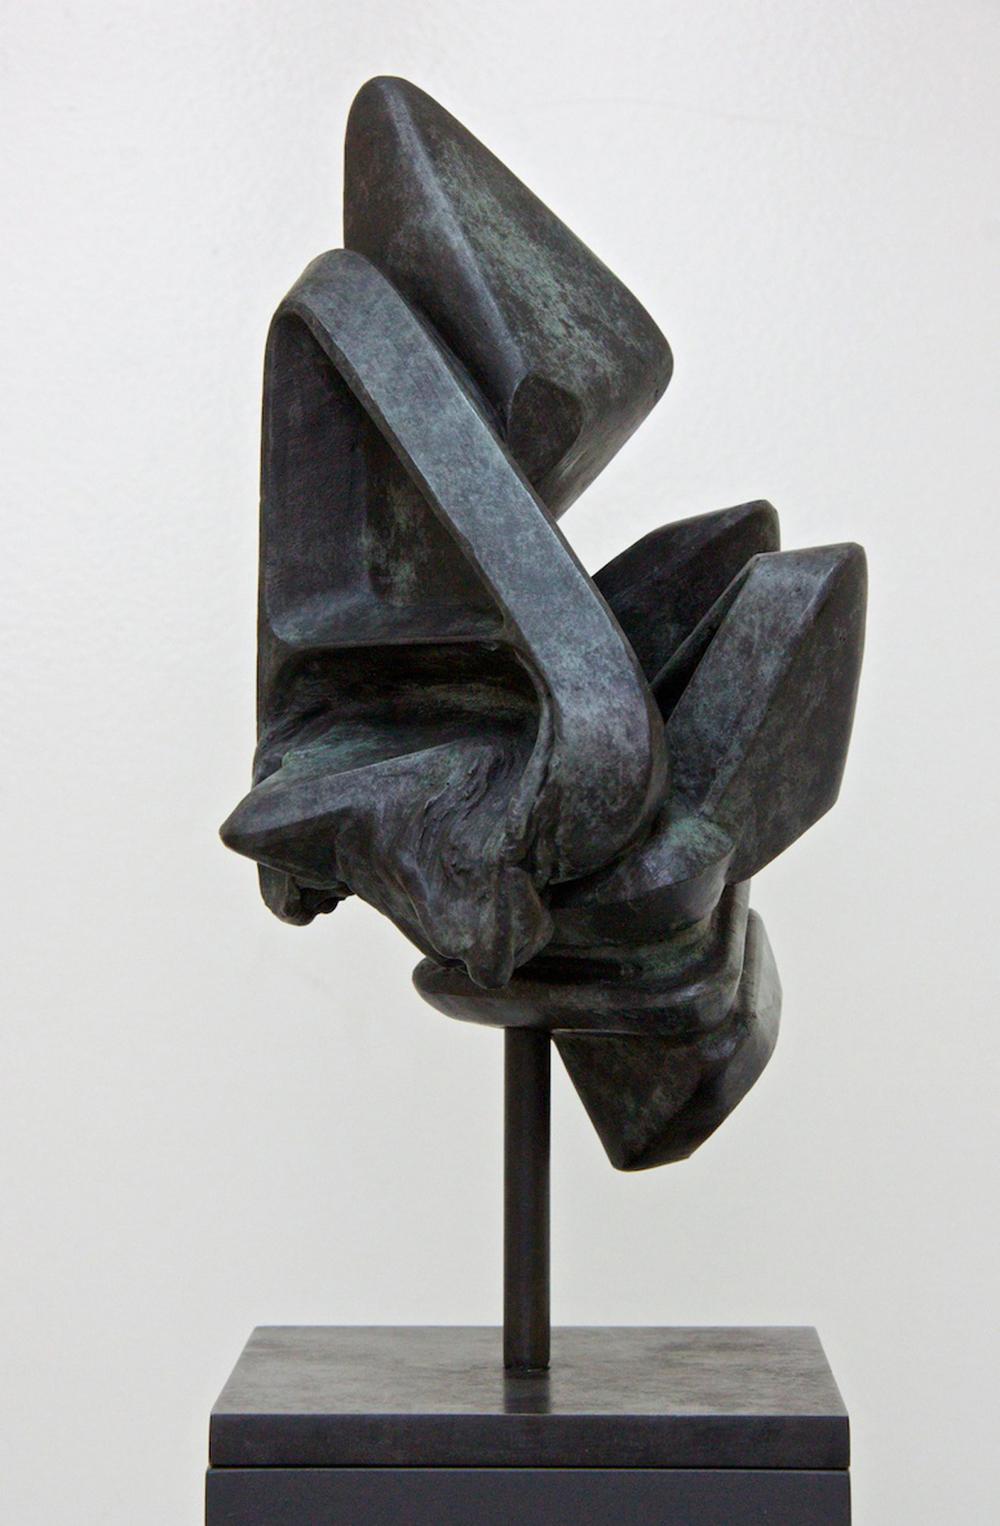 hoi polloi (011.2) 2011